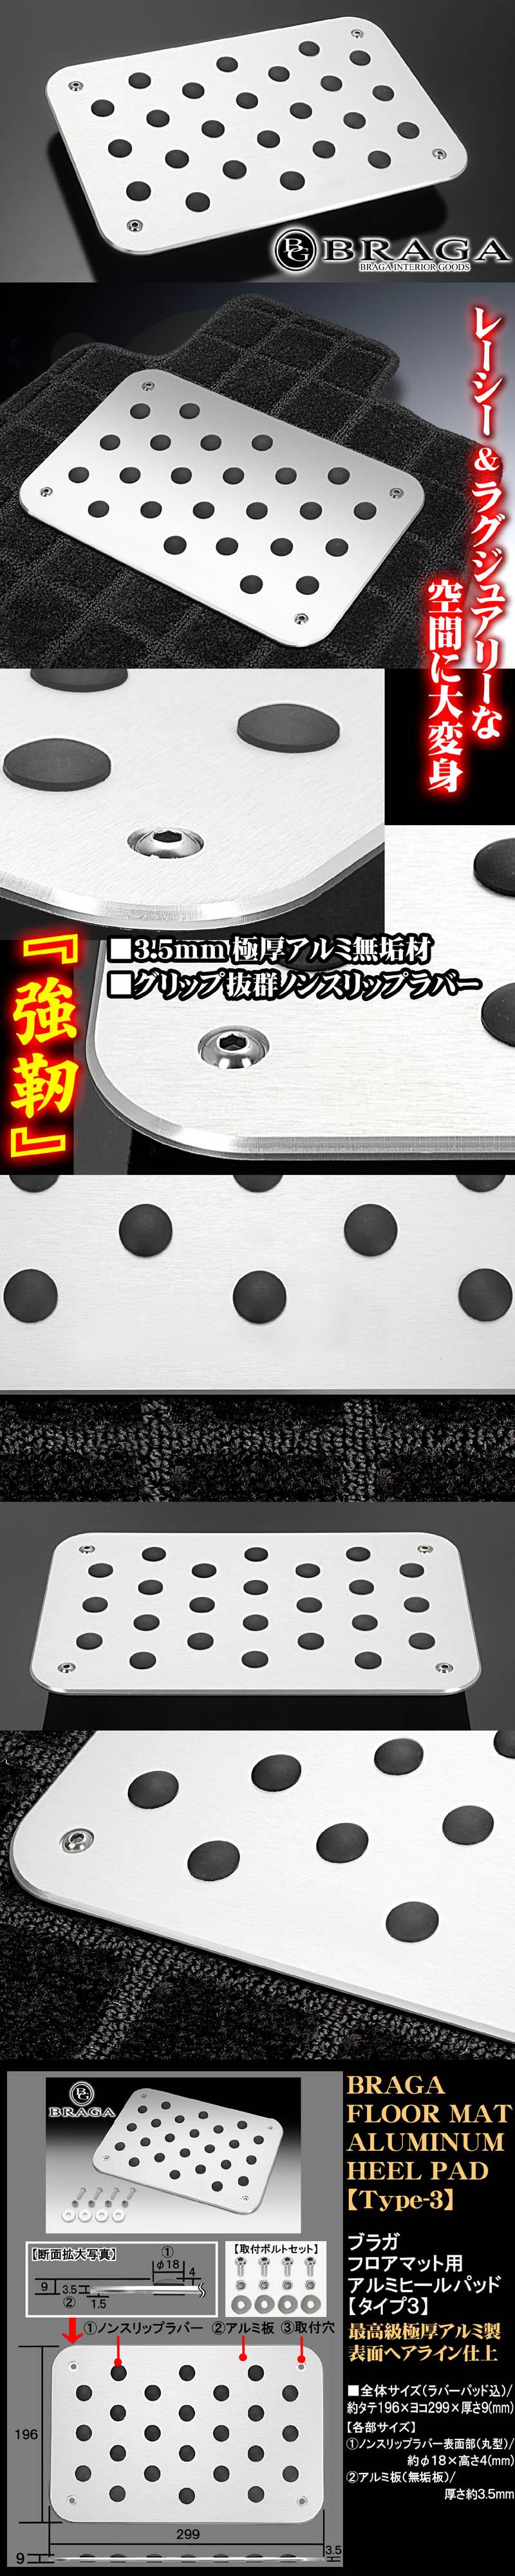 《無印》プレミアム アルミヒールパッドプレートセット【タイプ3】フロアマット用ノンスリップラバー付/ブラガ